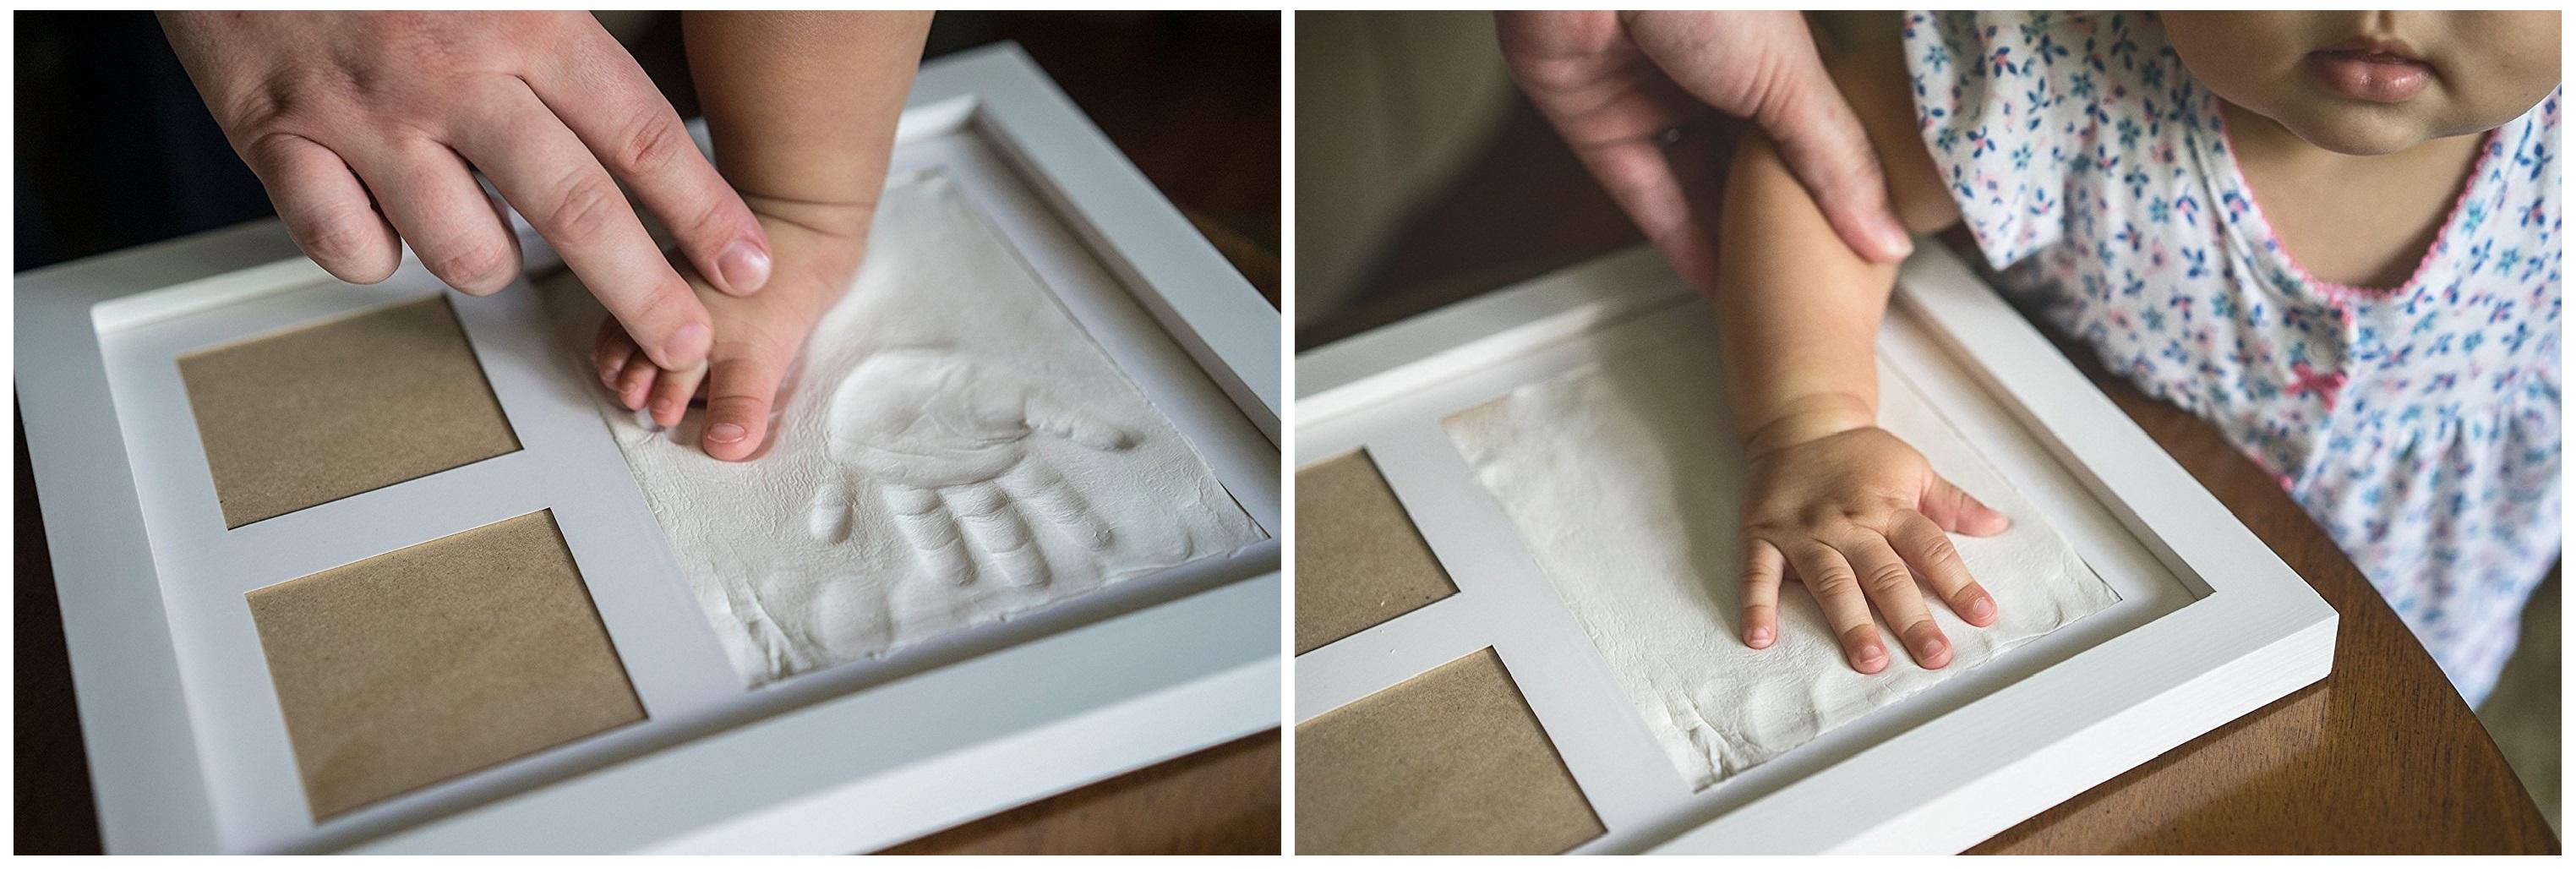 Bilderrahmen mit Hand- und Fußabdruck